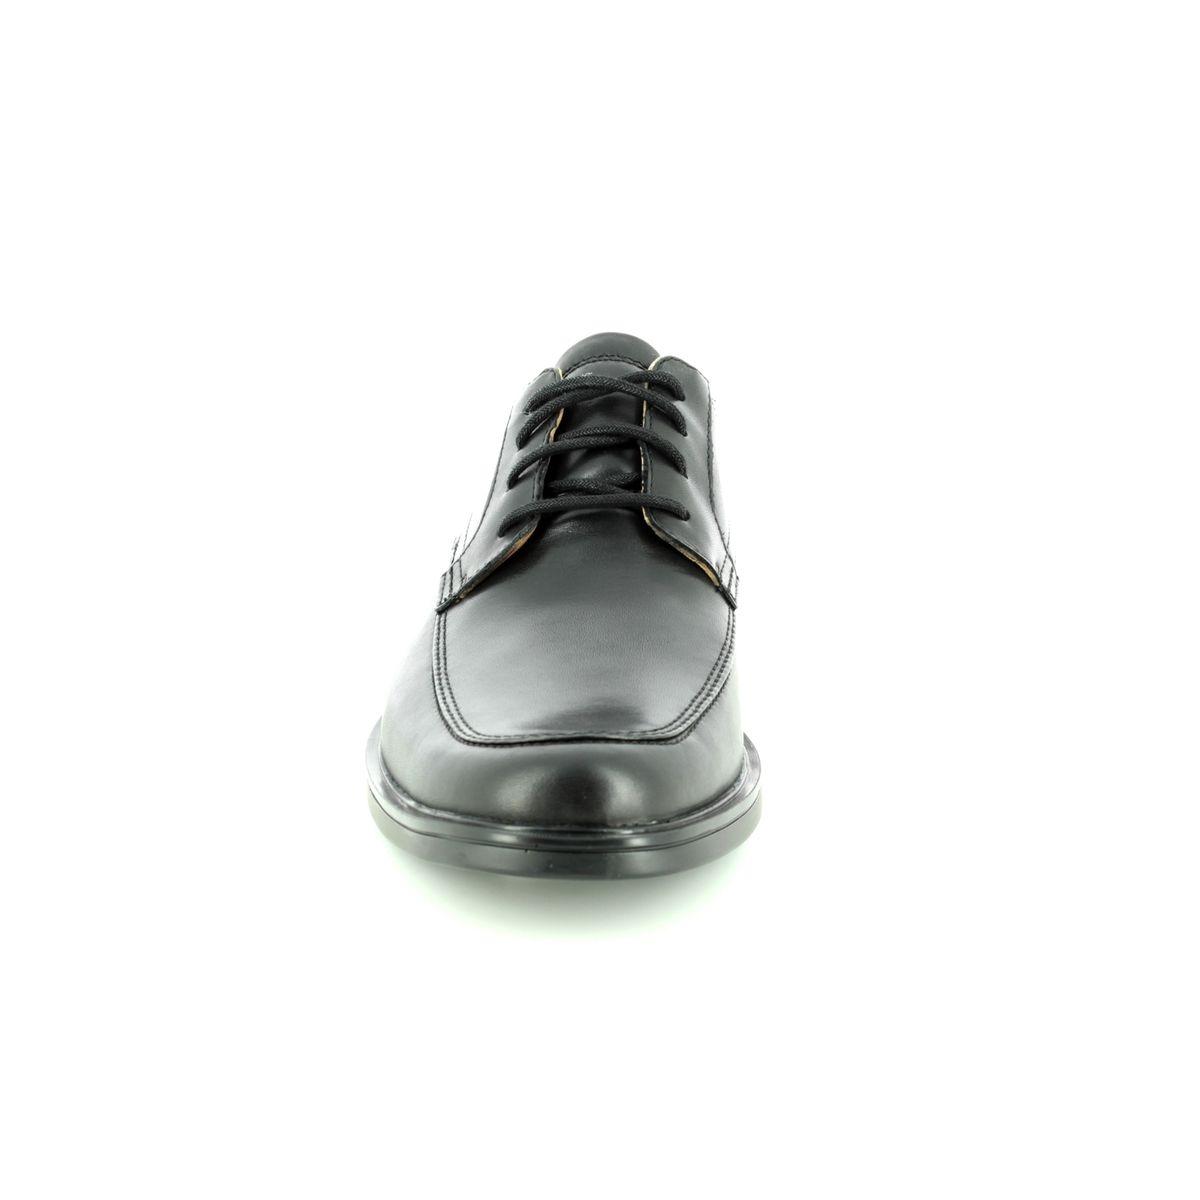 5b8b885195f Clarks Formal Shoes - Black leather - 3257 67G UN ALDRIC PARK